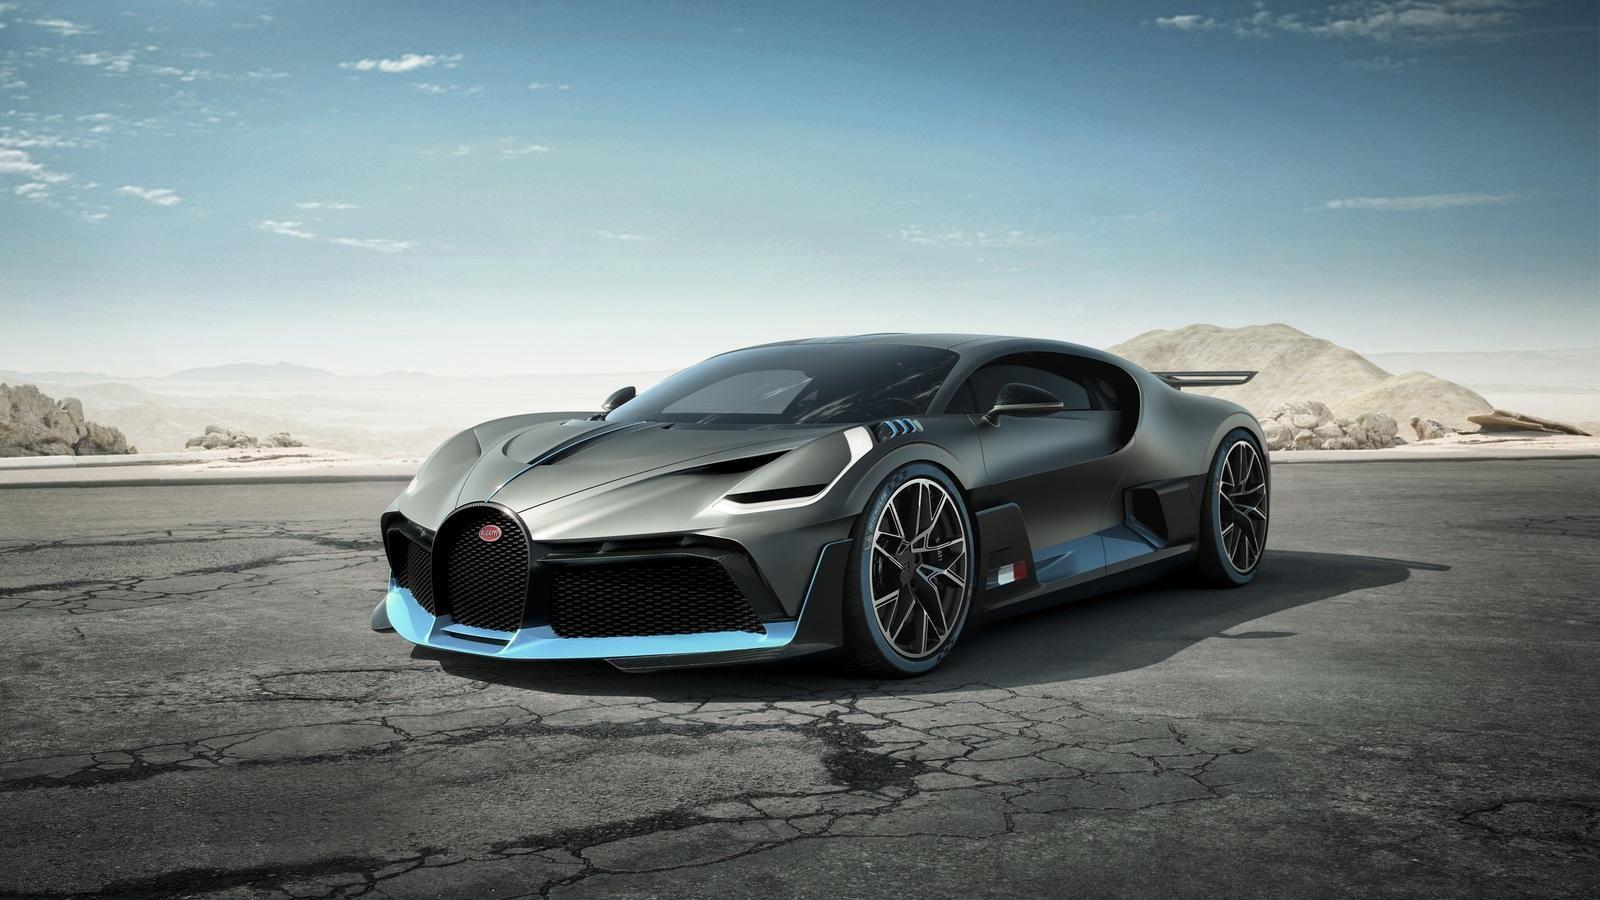 Bugatti Divo 2019 Bugatti Cars Sports Car Super Cars